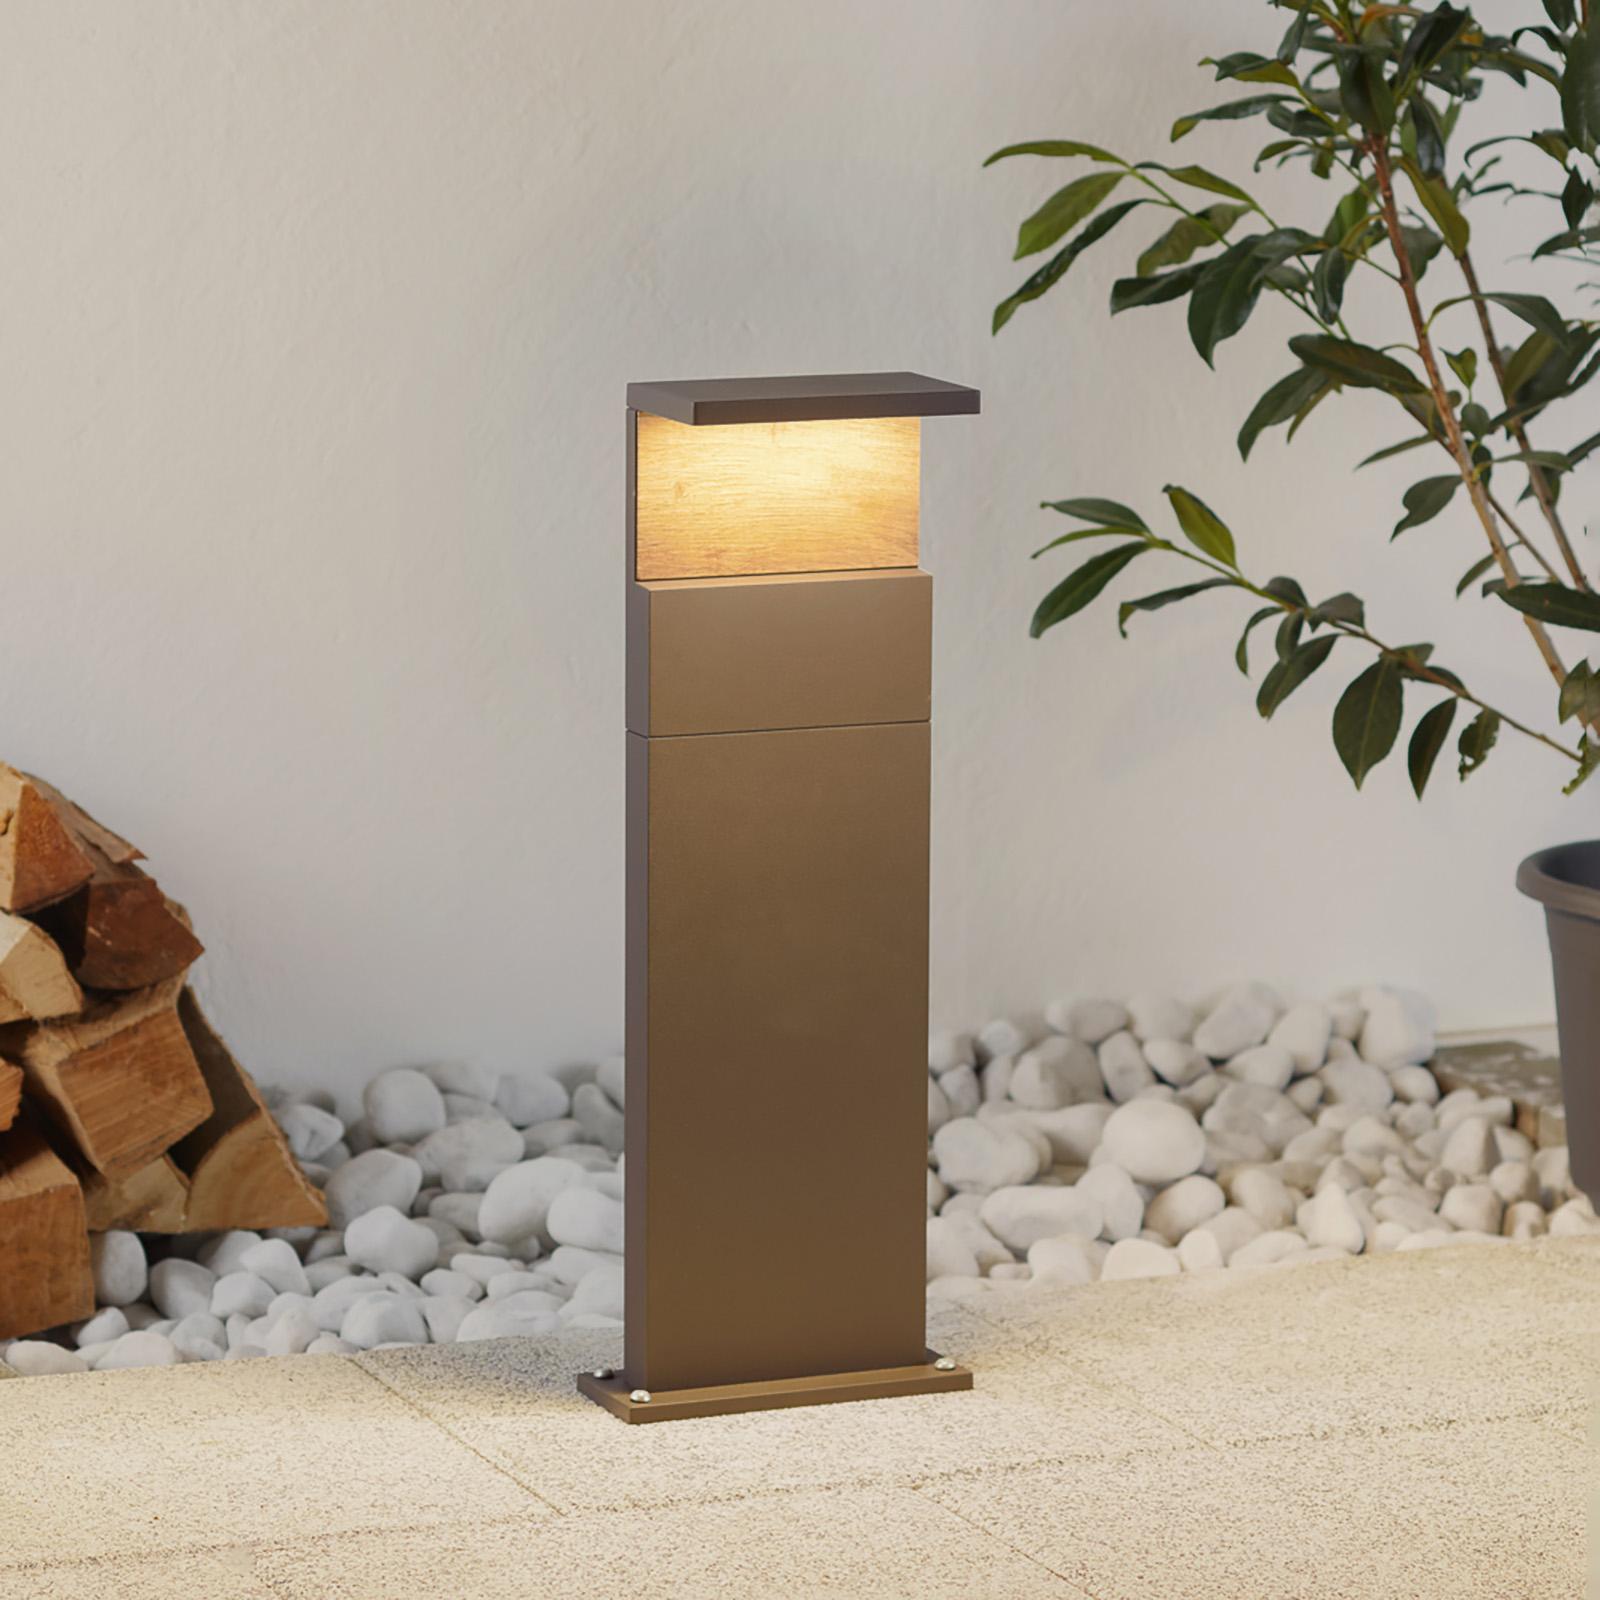 Słupek oświetleniowy LED Ruka, drewno, 60 cm